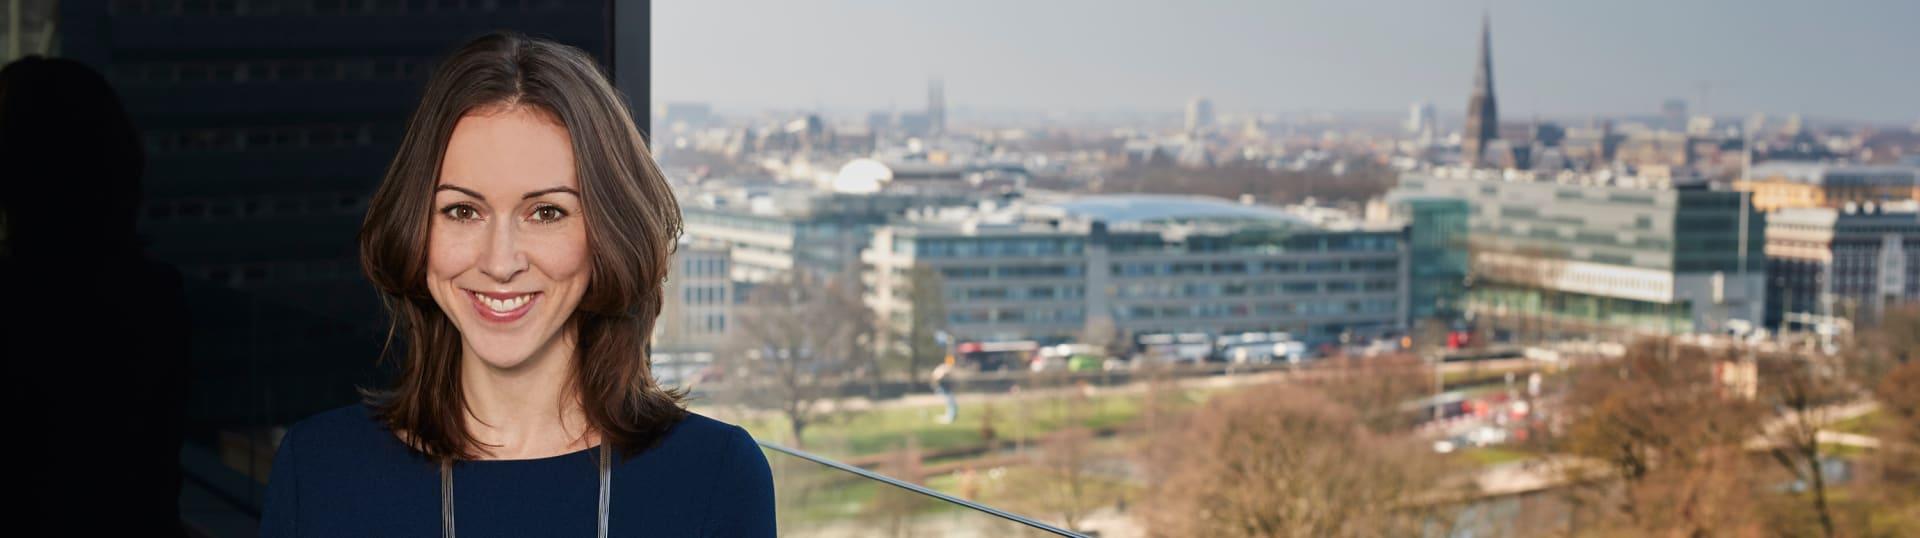 Esther van Veen, advocaat Pels Rijcken